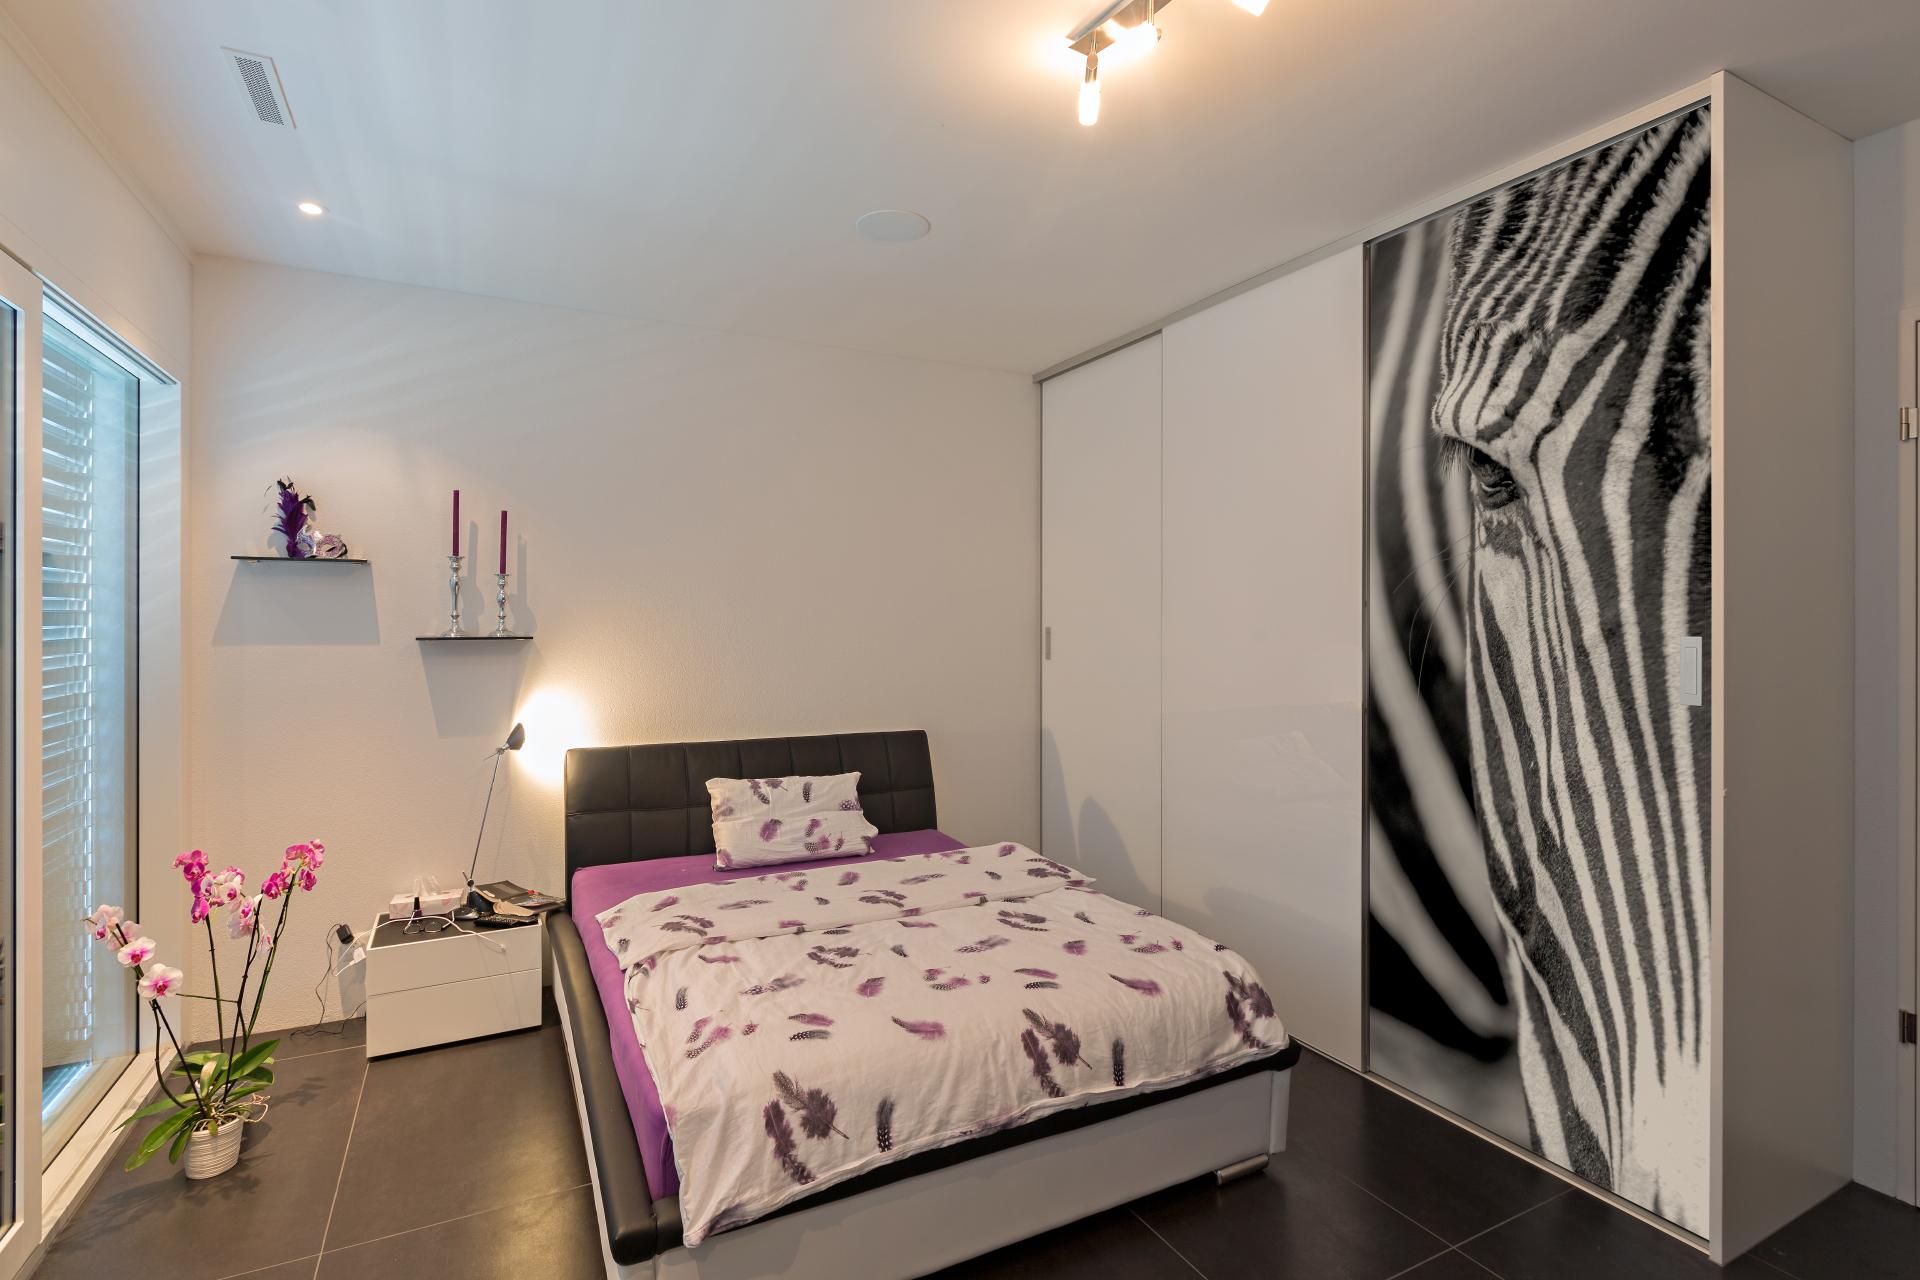 schiebet renschrank mit grossfl chigem zebrakopf im digitaldruck auf zu. Black Bedroom Furniture Sets. Home Design Ideas